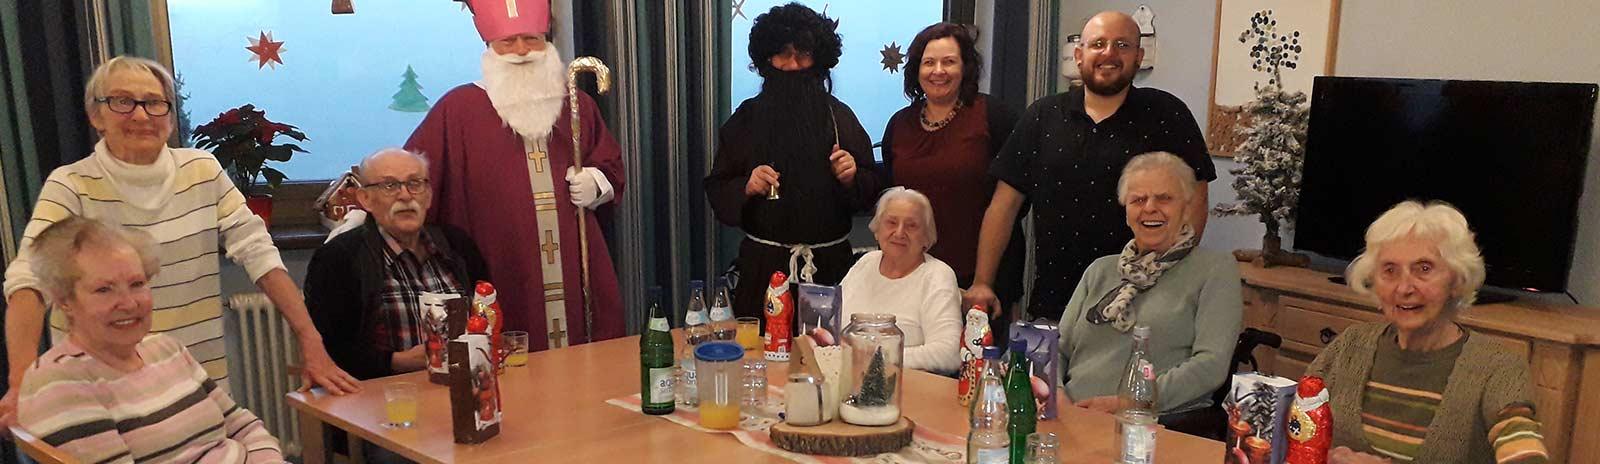 2019_12_09_Haus_St_Barbara_Nikolausbesuch_Slider